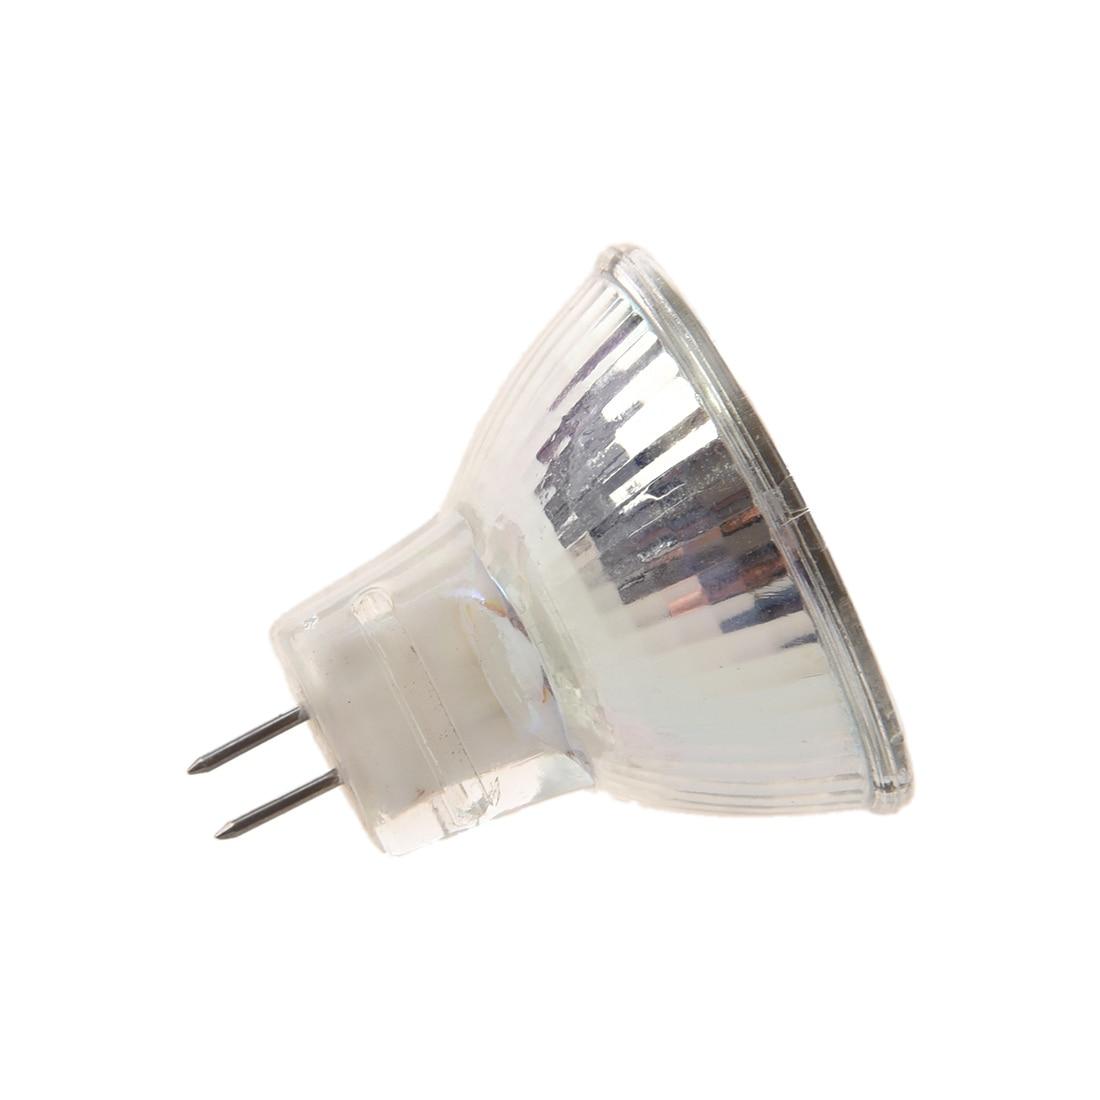 7W MR11 GU4 600LM LED Bulb Lamp 15 5630 SMD Light (White Light)